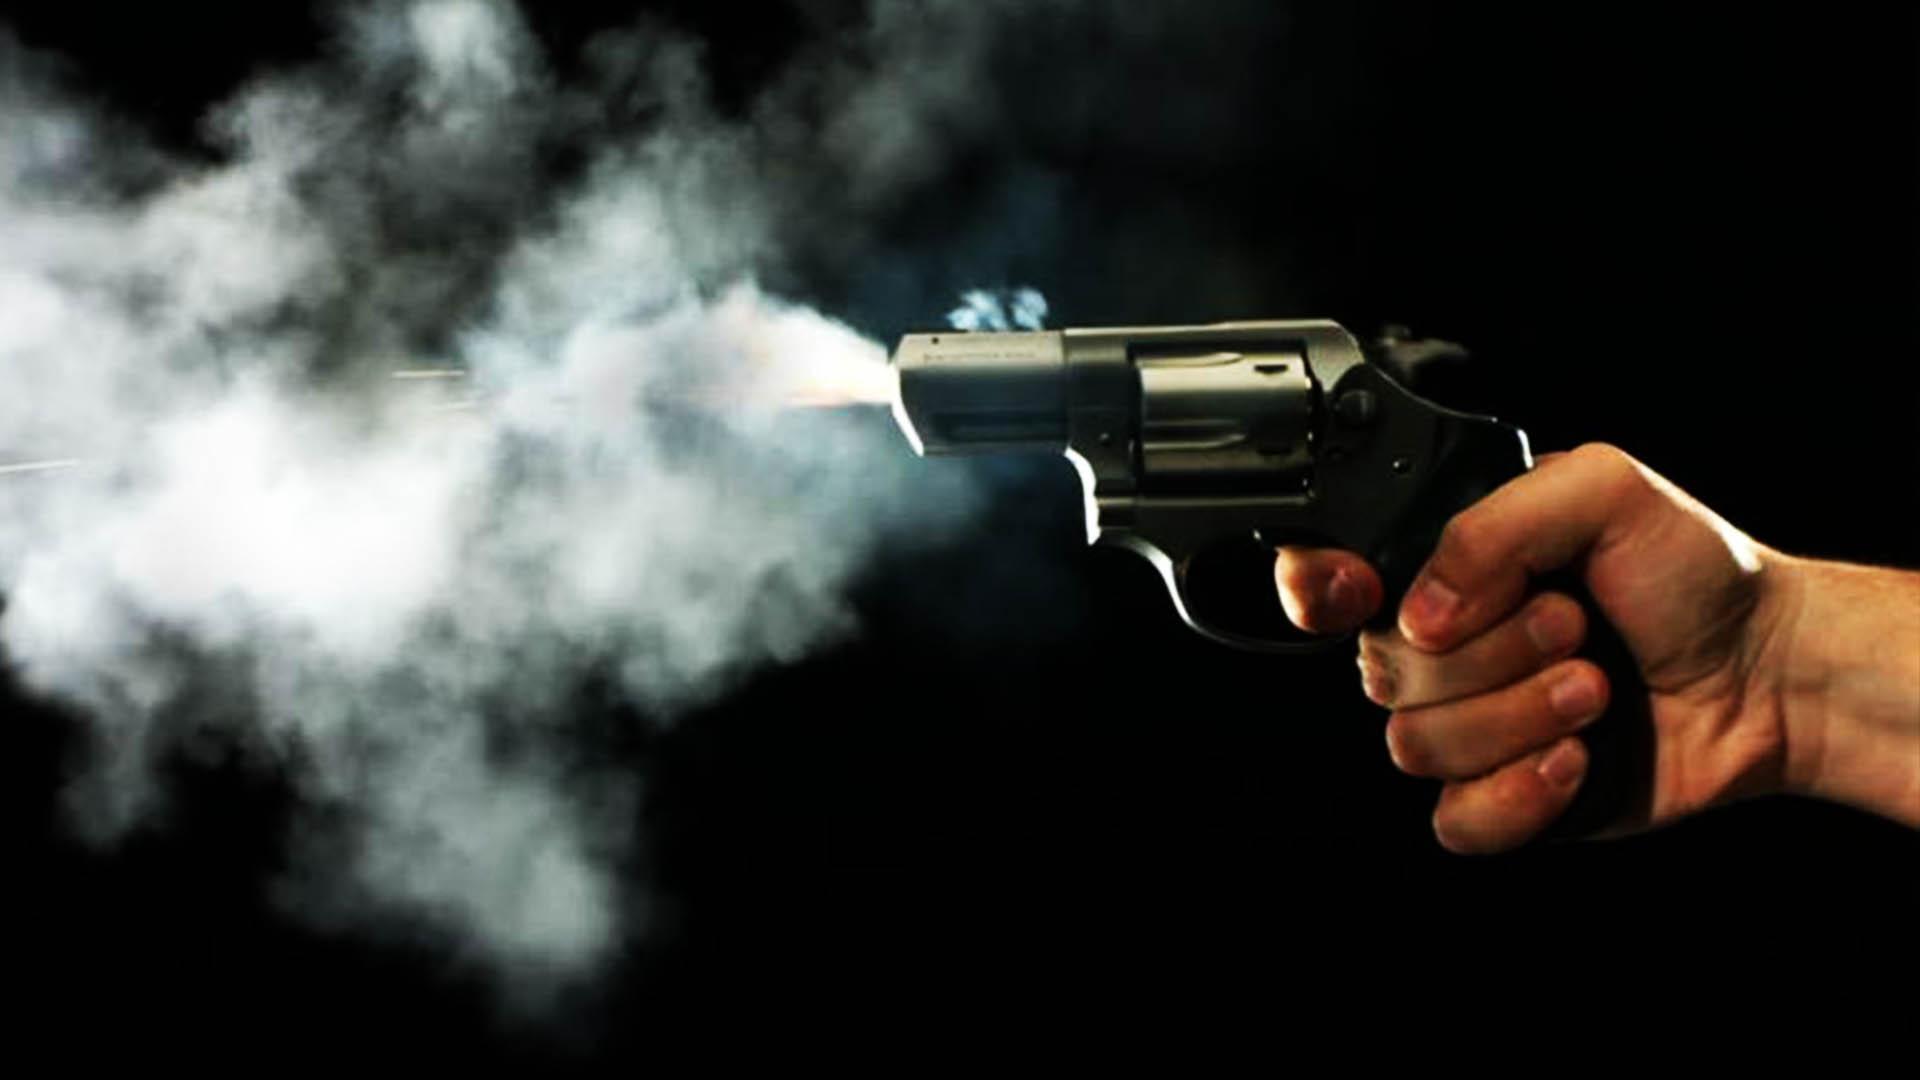 Assassino executa jovem usuário de drogas no alto do morro, em Parauapebas